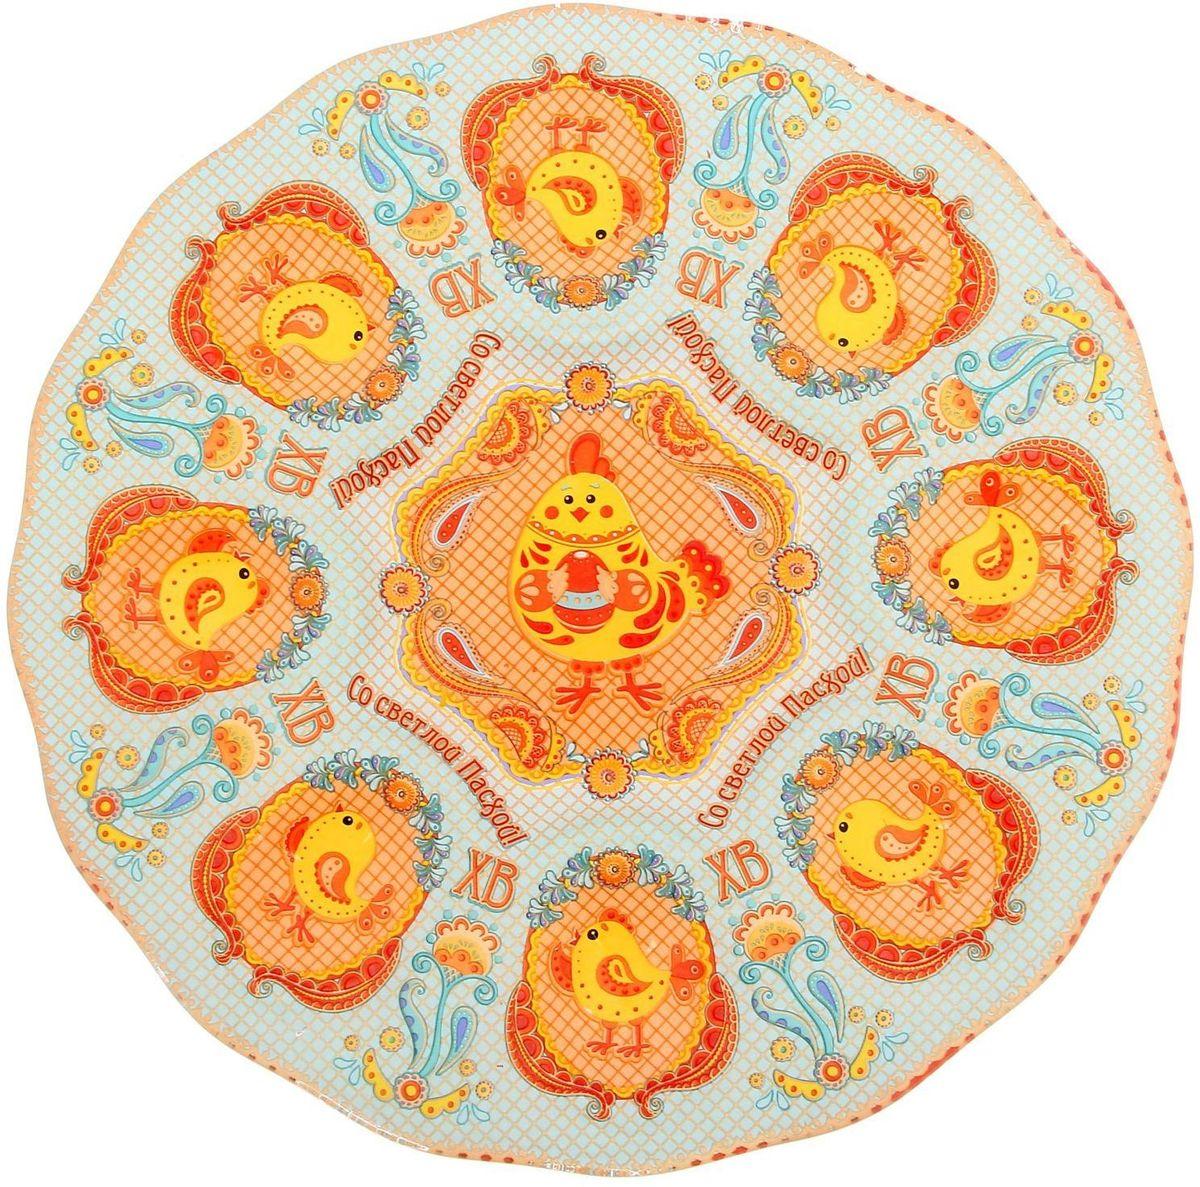 Декоративная тарелка Со Светлой Пасхой. Курица и цыплята, на 8 яиц, 24,9 х 24,9 см. 12244881224488Желаем радости, добра и света вам и вашим близким! Пасхальная подставка под 8 яиц и кулич изготовлена из пластика и имеет полноцветное яркое изображение. Аксессуар станет достойным украшением праздничного стола, создаст радостное настроение и наполнит пространство дома благостной энергией на год вперёд. Изделие также будет хорошим подарком друзьям и коллегам.